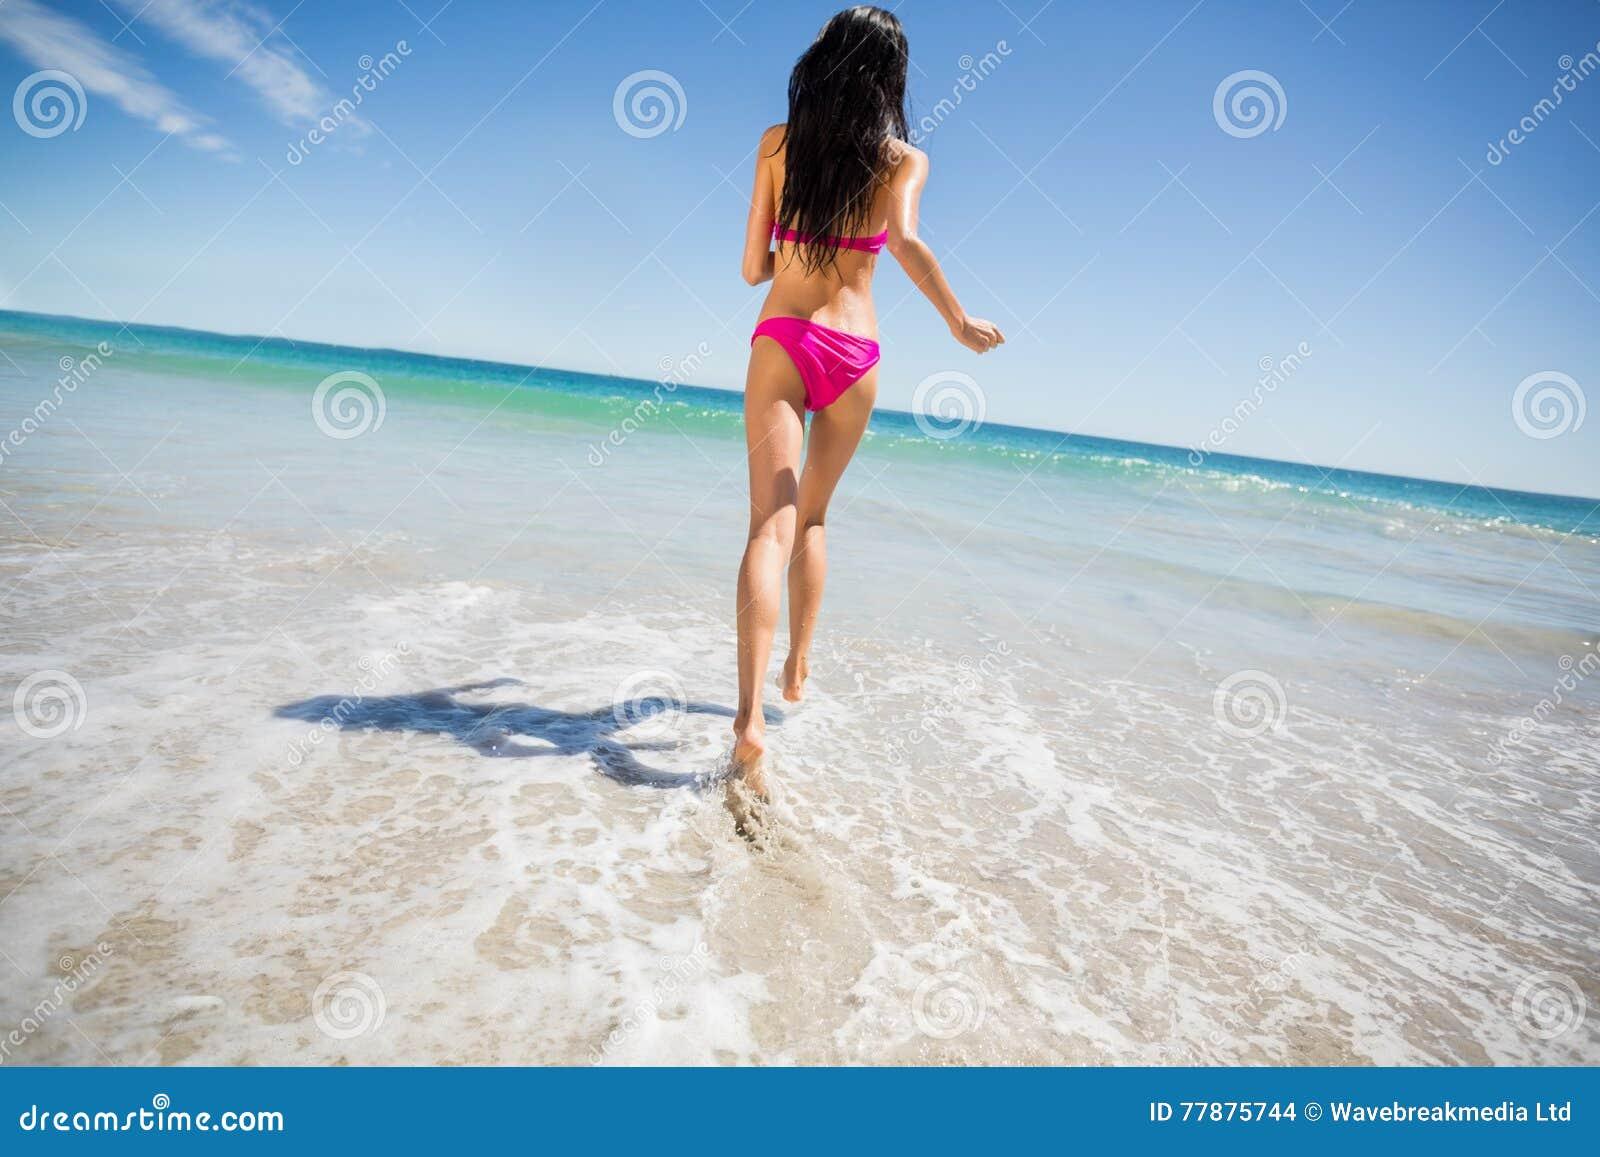 Mujer Atractiva Que Corre En La Playa Foto de archivo